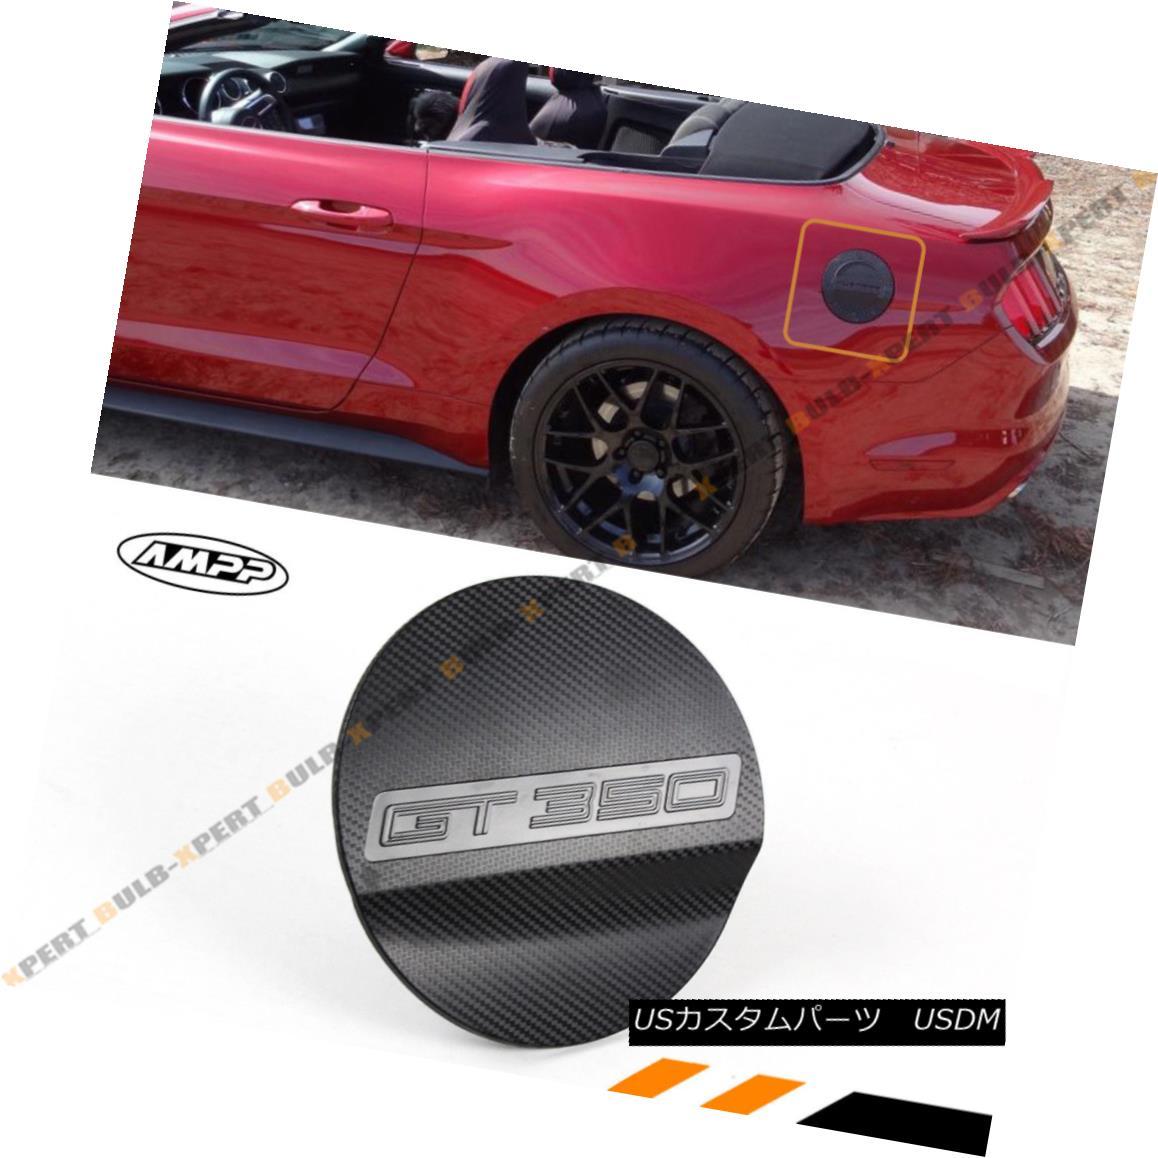 エアロパーツ For 15-17 Ford Mustang GT350 Carbon Fiber Texture Add-on Gas Fuel Door Cover Cap 15-17 Ford Mustang GT350カーボンファイバーテクスチャーアドオンガス燃料ドアカバーキャップ